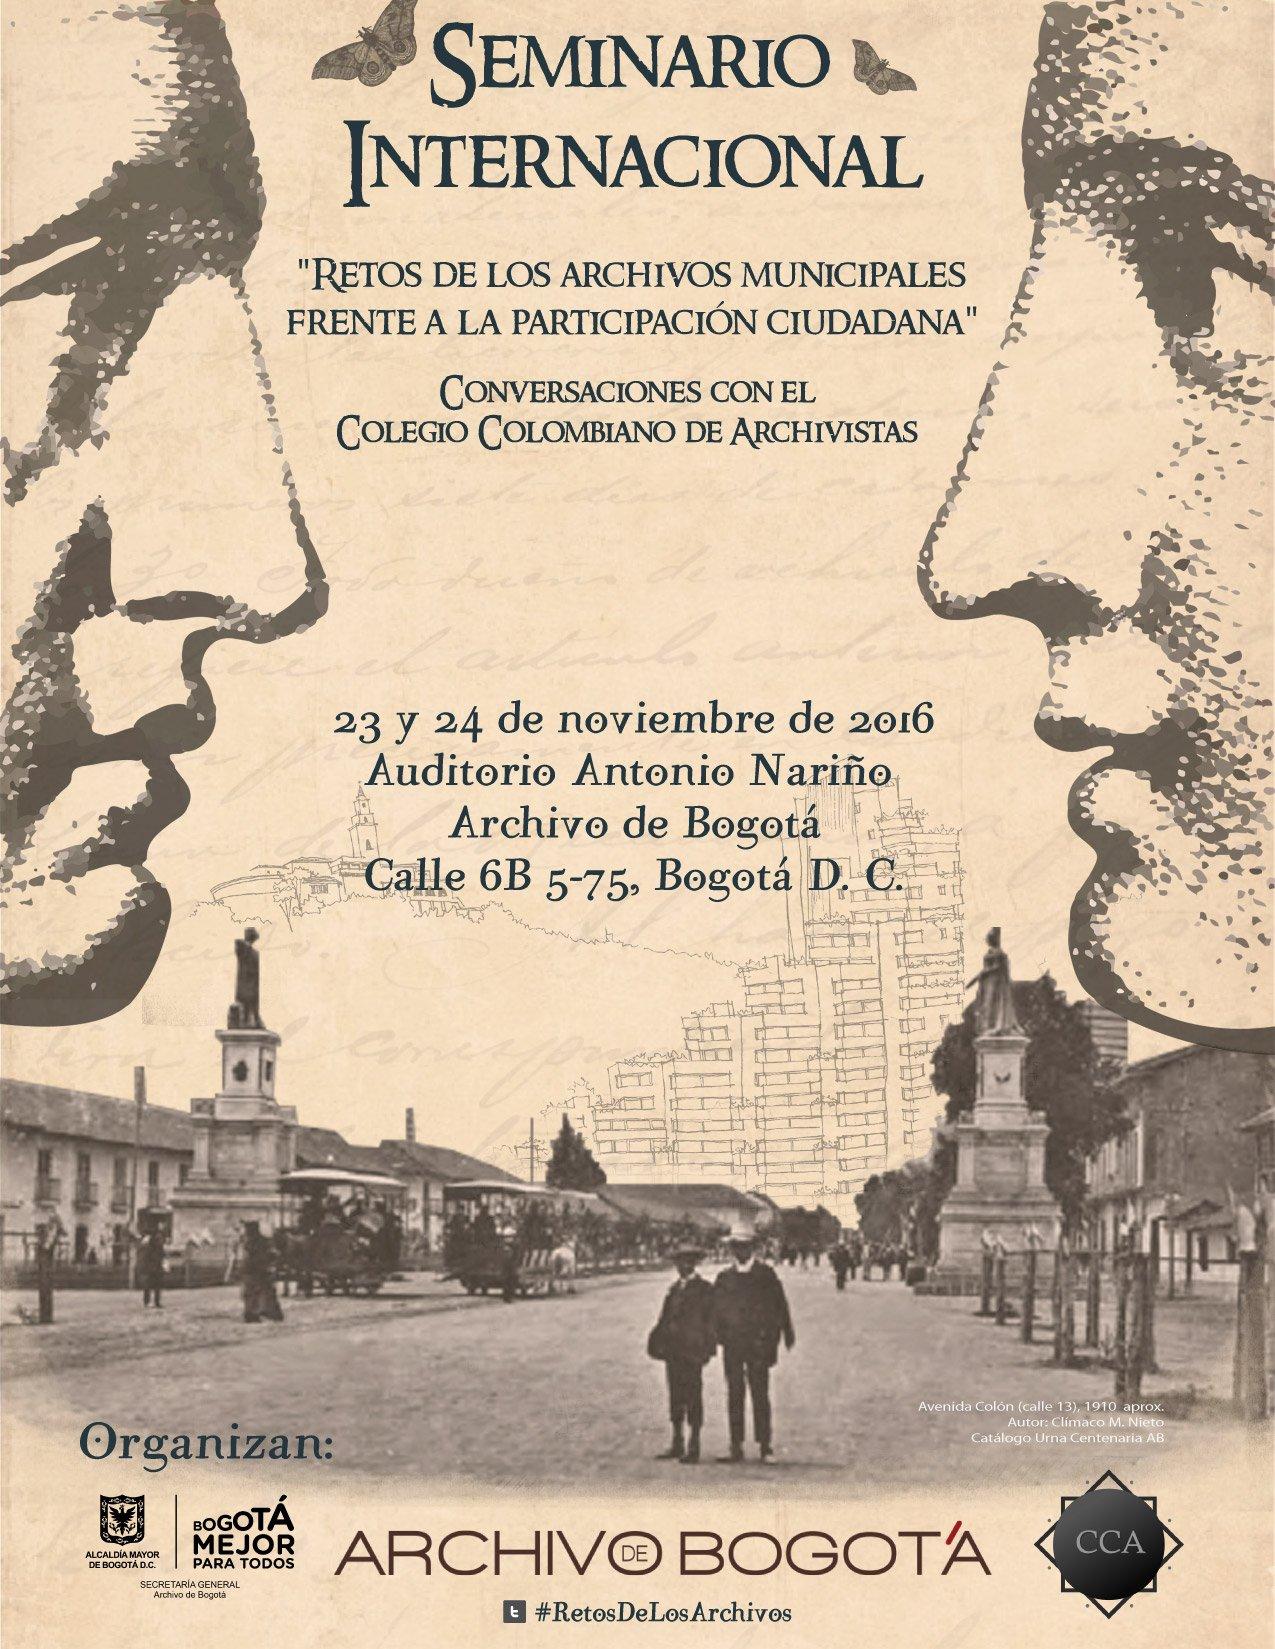 No te pierdas los #RetosDeLosArchivosMunicipales con el @ArchivodeBogota y @ccarchivistas | #SeminarioInternacional https://t.co/4knNPpkUoR